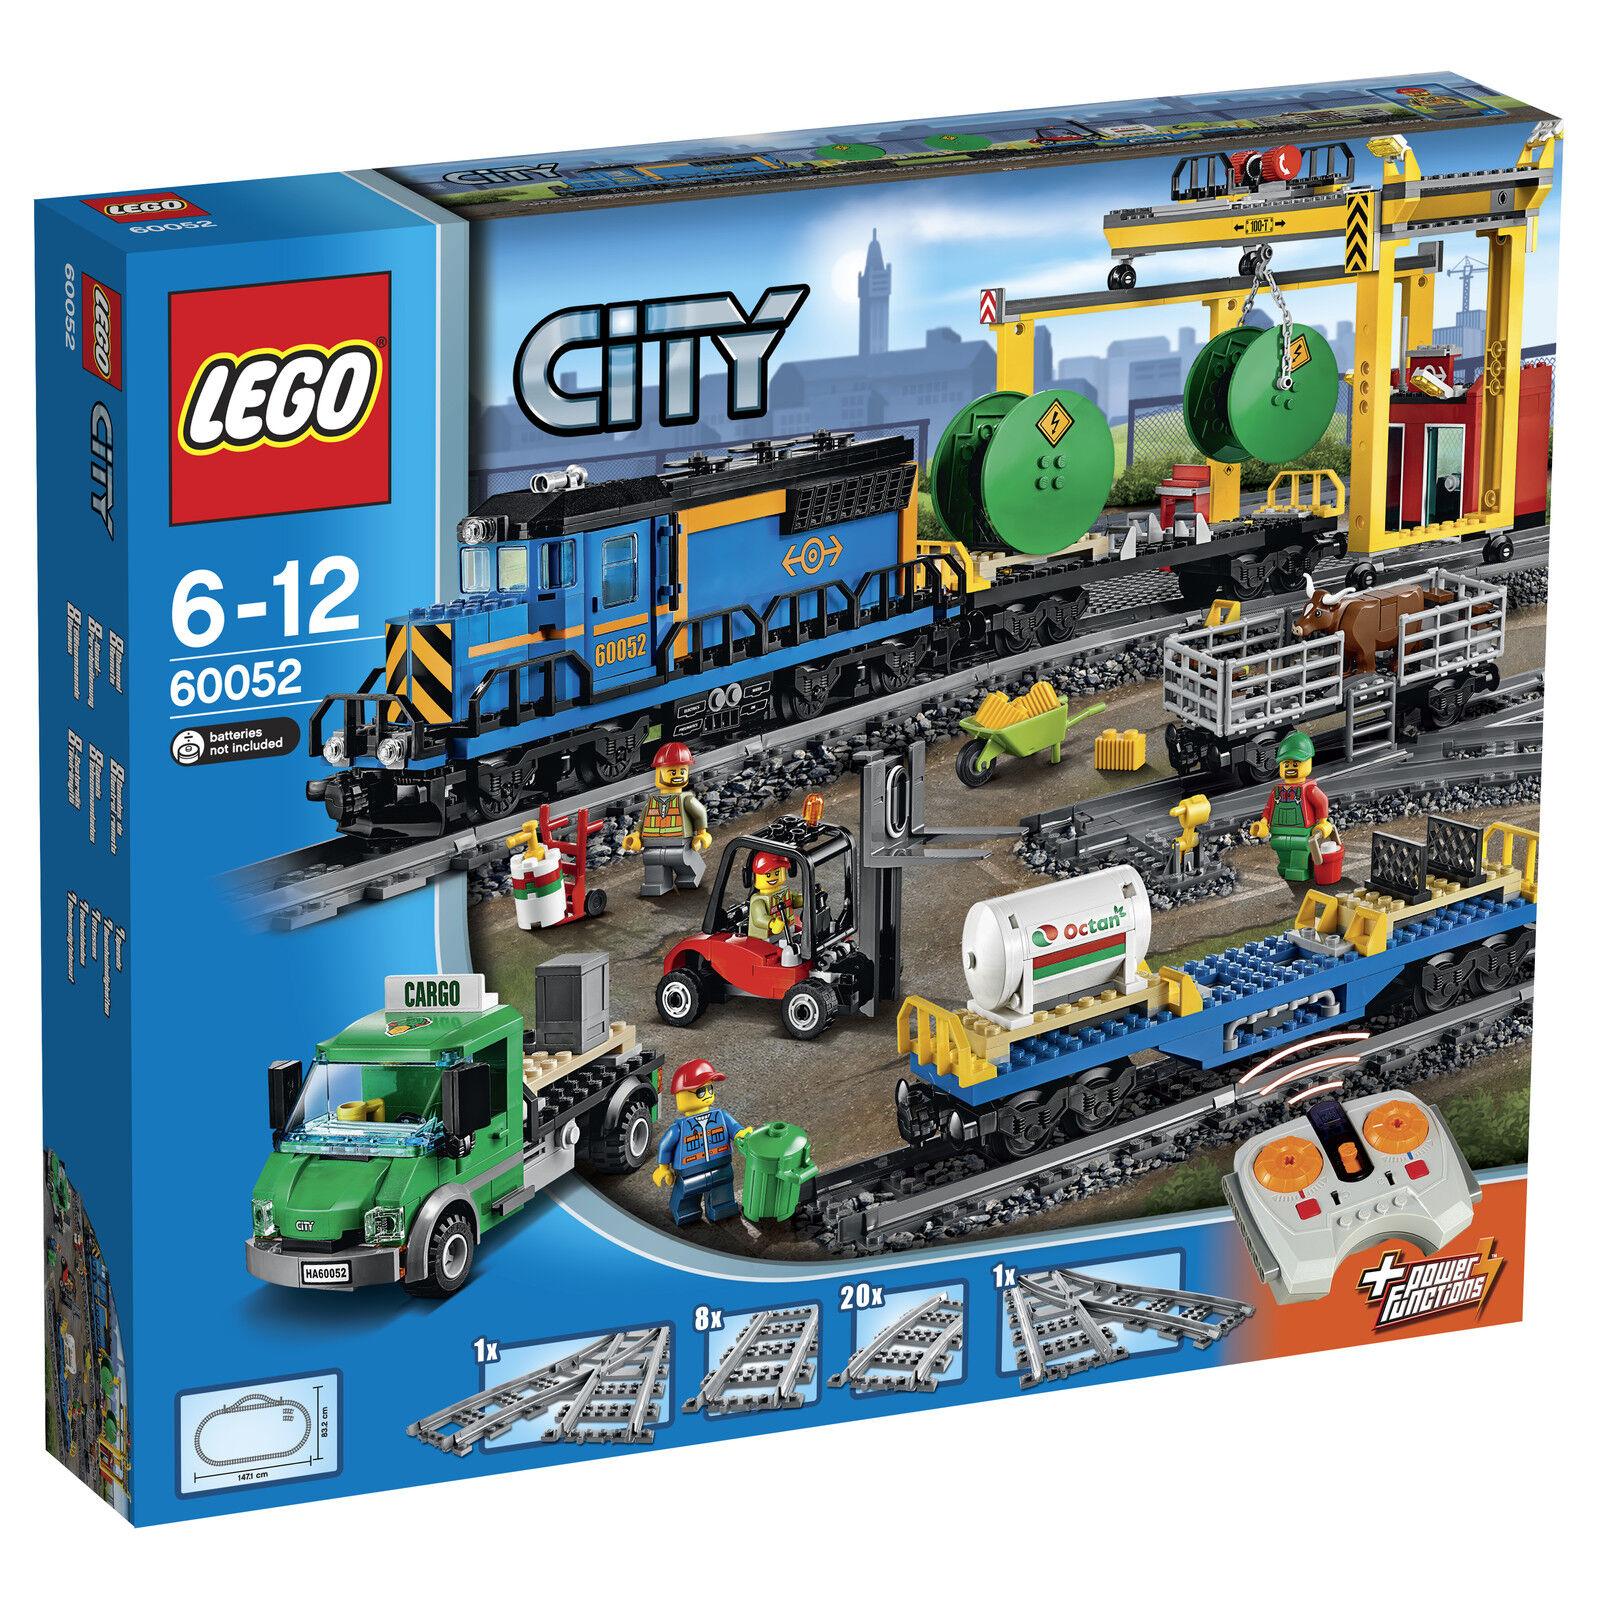 Lego ® City  60052 Freight Train nouveau OP voiturego Train nouveau MISB NRFB  excellent prix